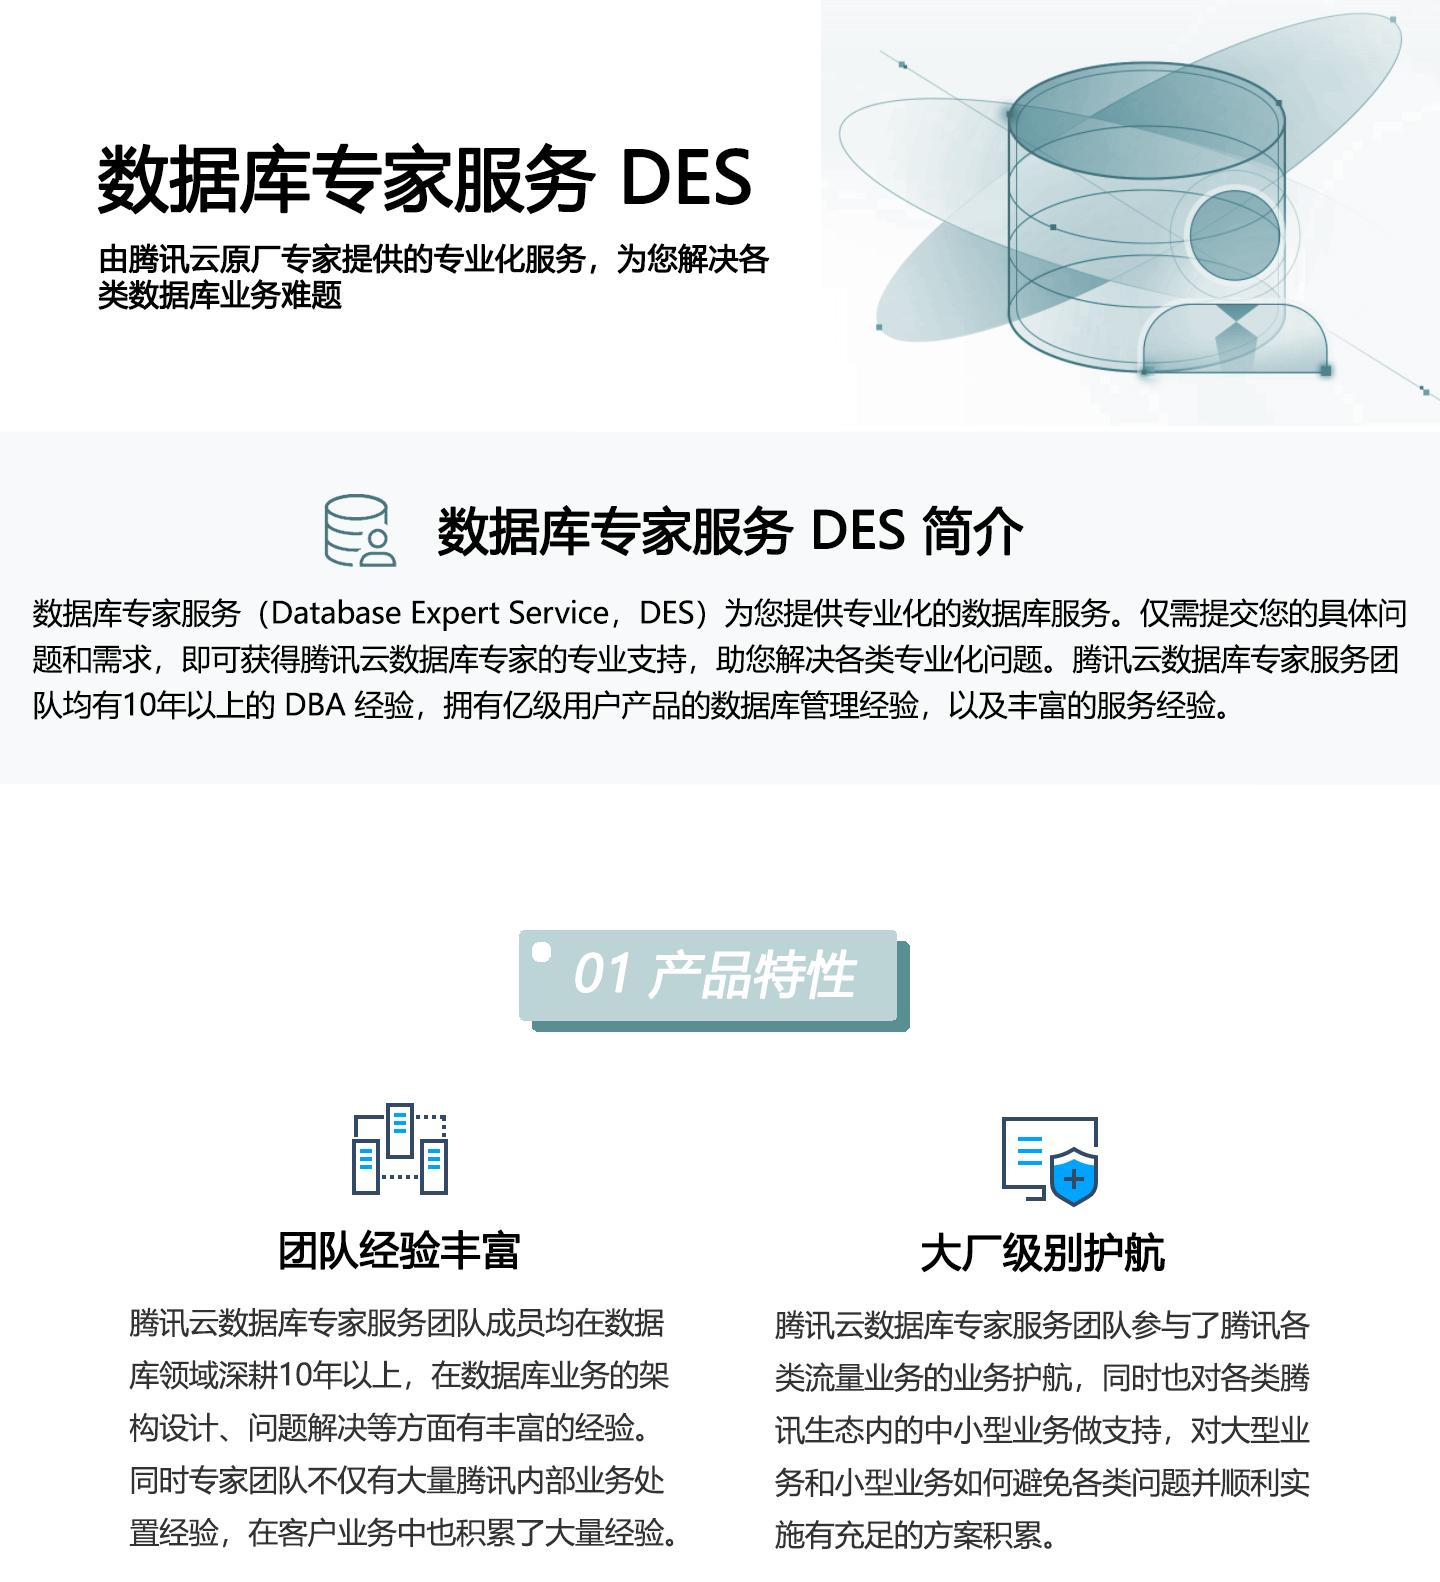 数据库专家服务-DES-1440_01.jpg